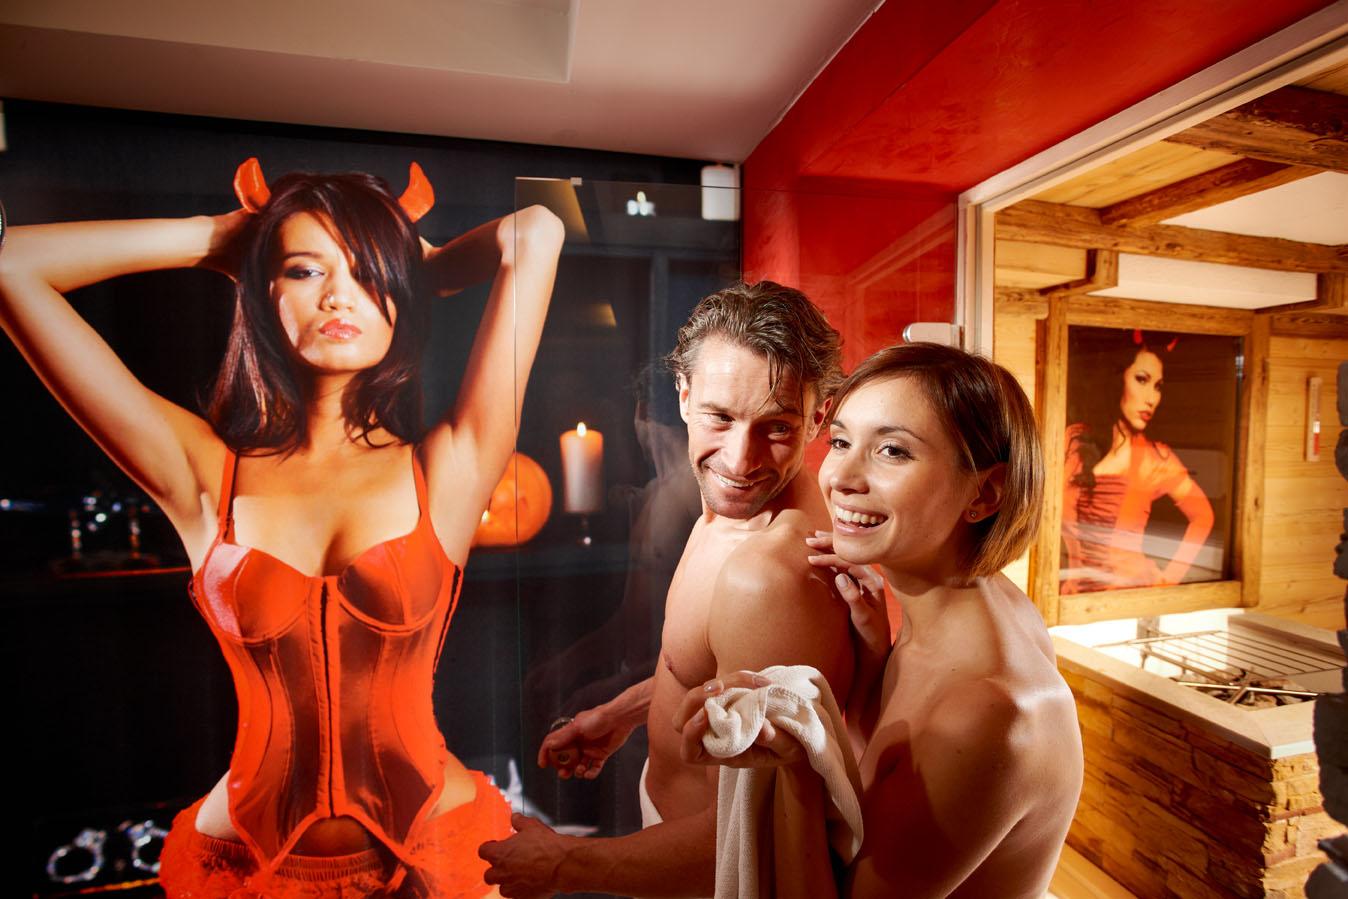 stockholm sauna sexleksaker par